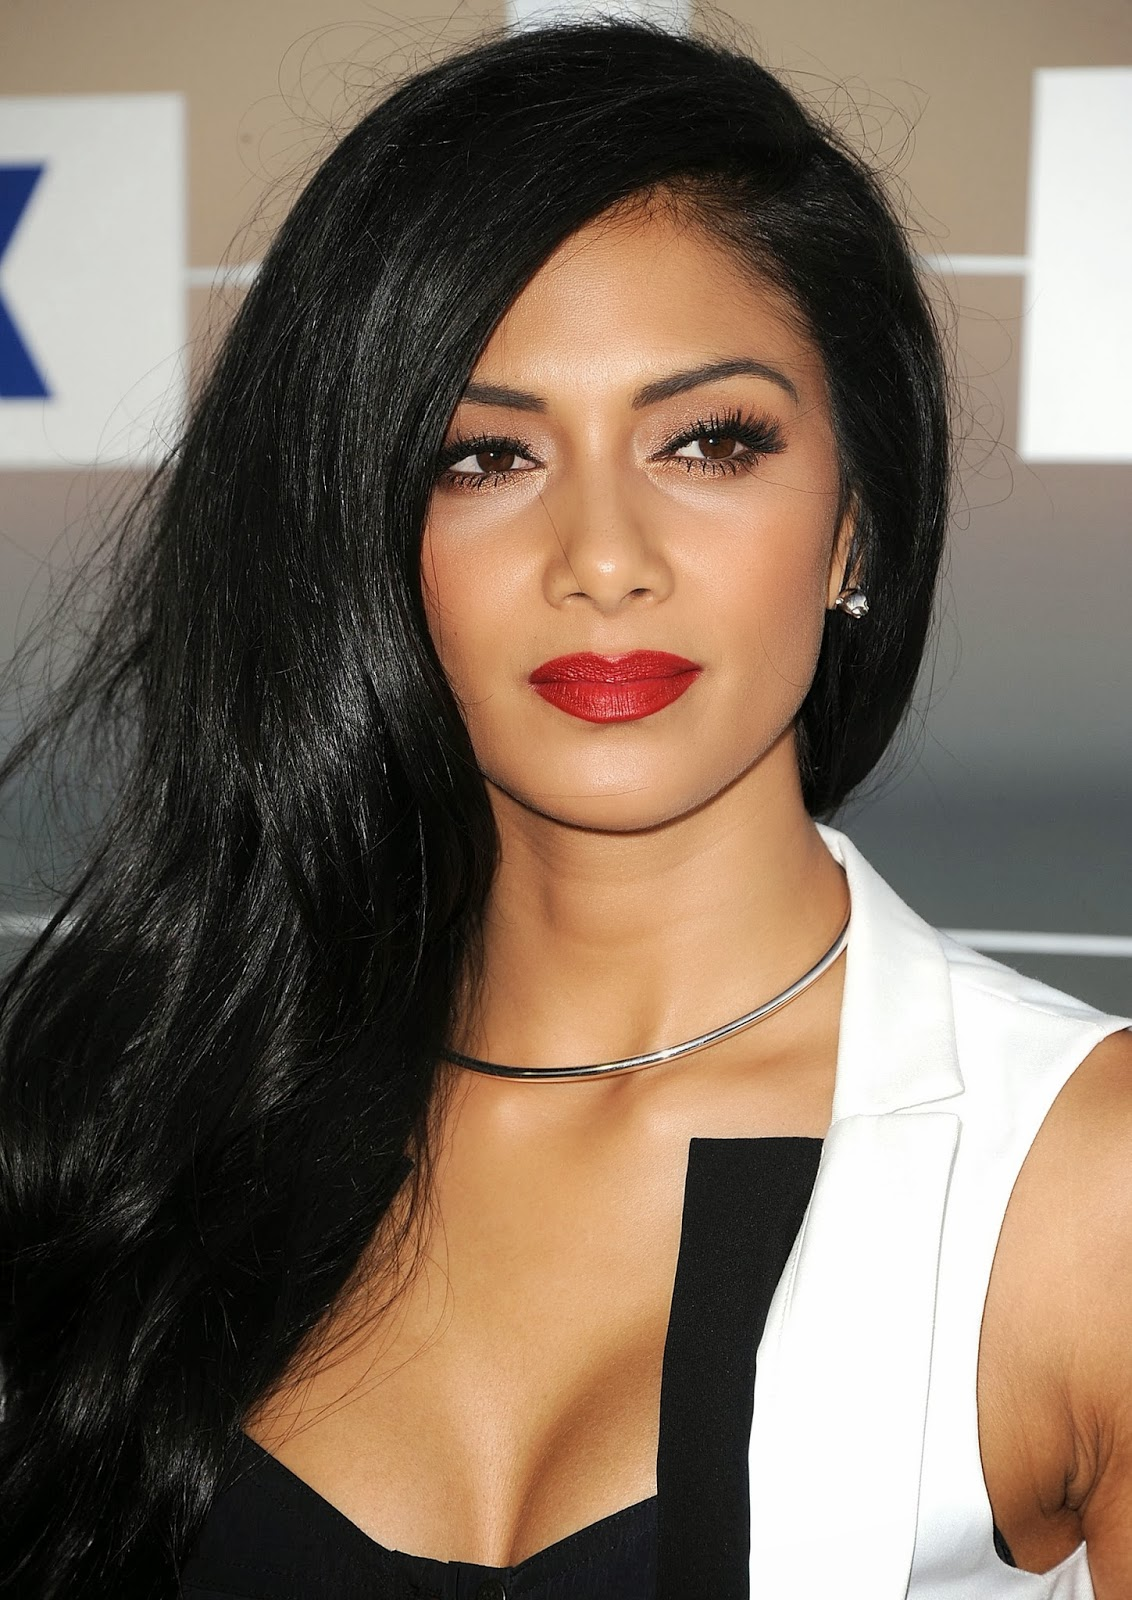 La moda en tu cabello:... Nicole Scherzinger Ethnicity